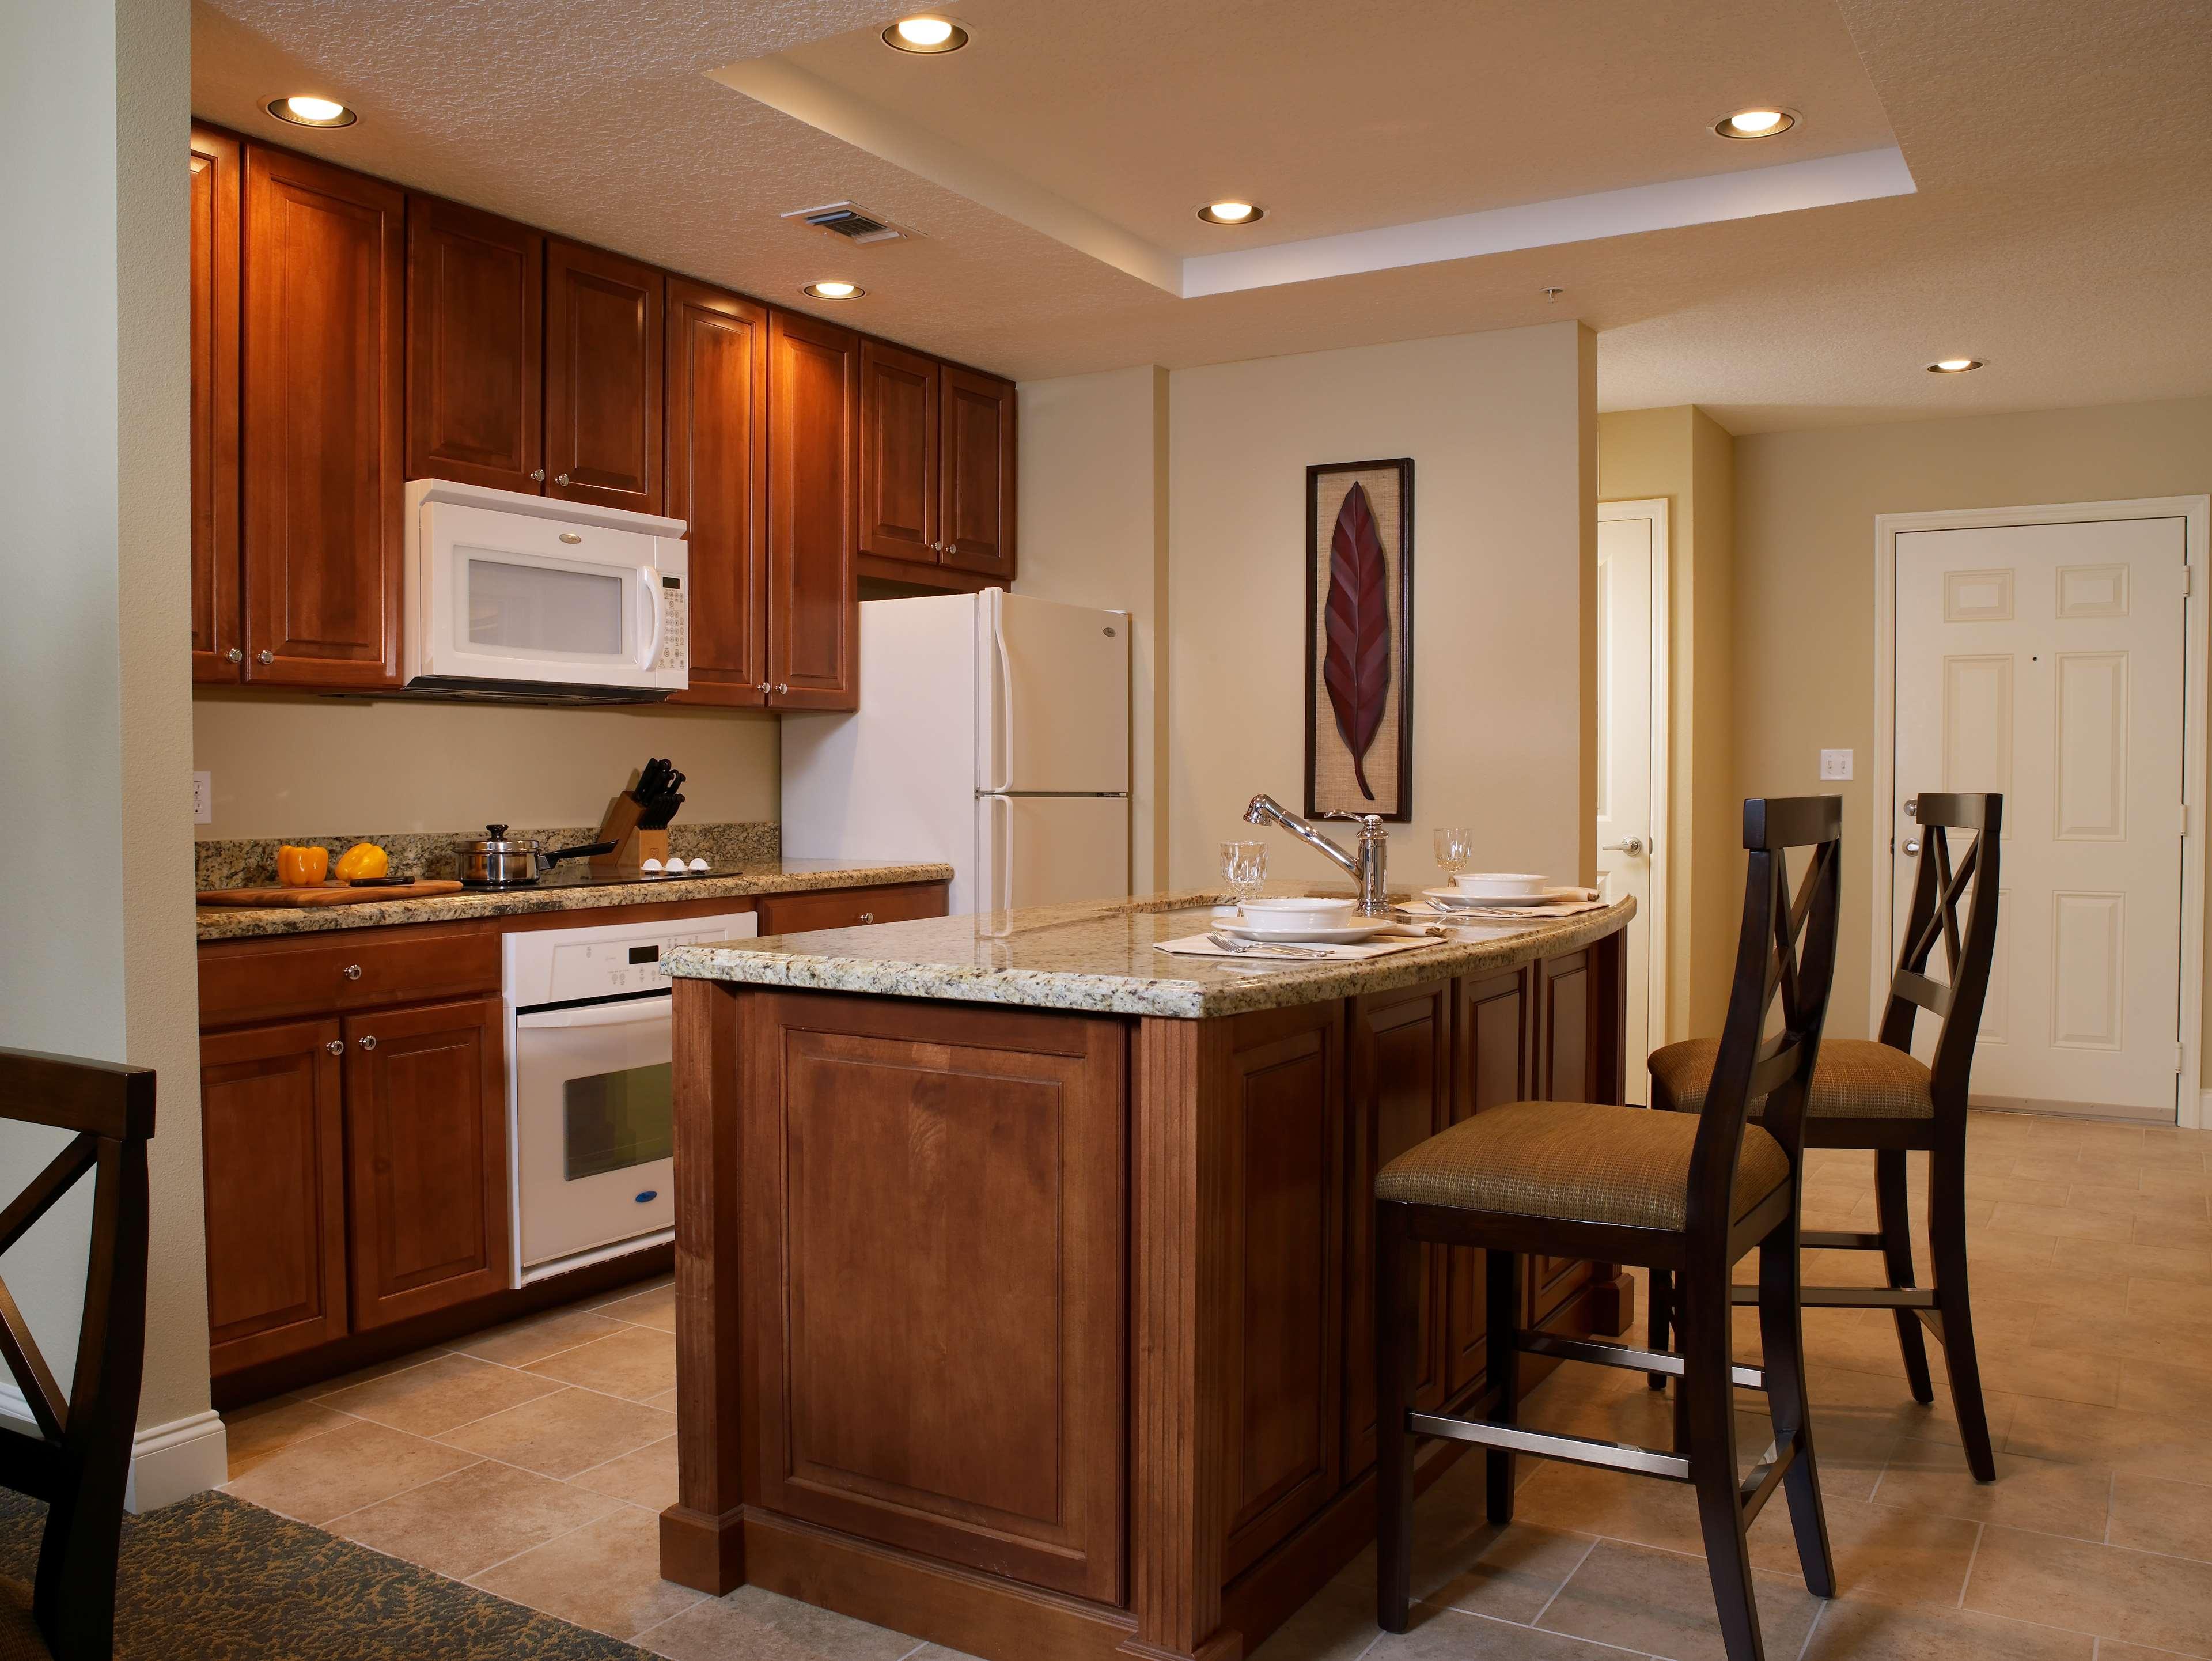 St. Augustine Phase Kitchen - 3-bdrm lockoff villa, 2-bdrm villa, 2-bdrm lockoff villa, or 1-bdrm premium villa.